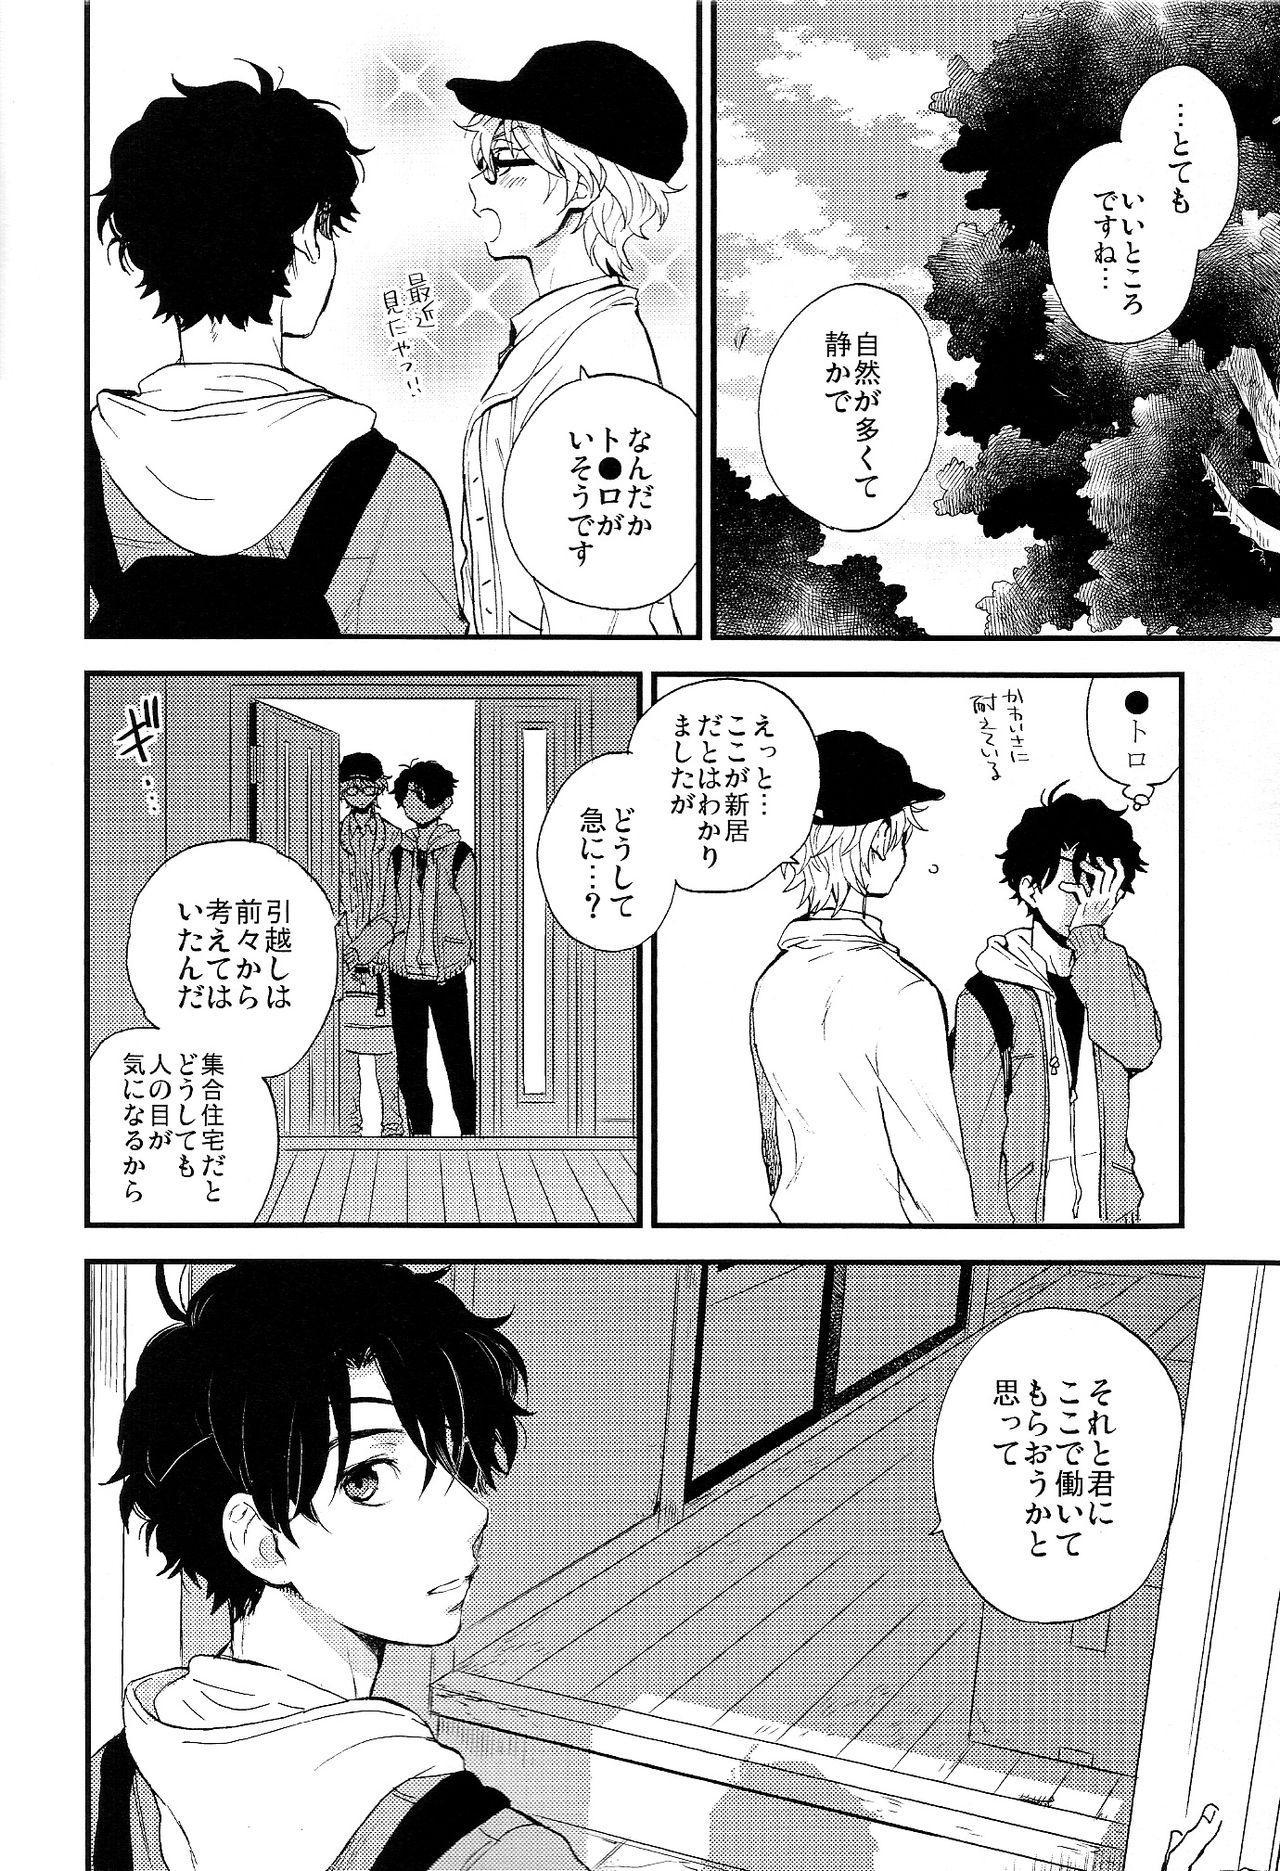 Hakoniwa Life 11